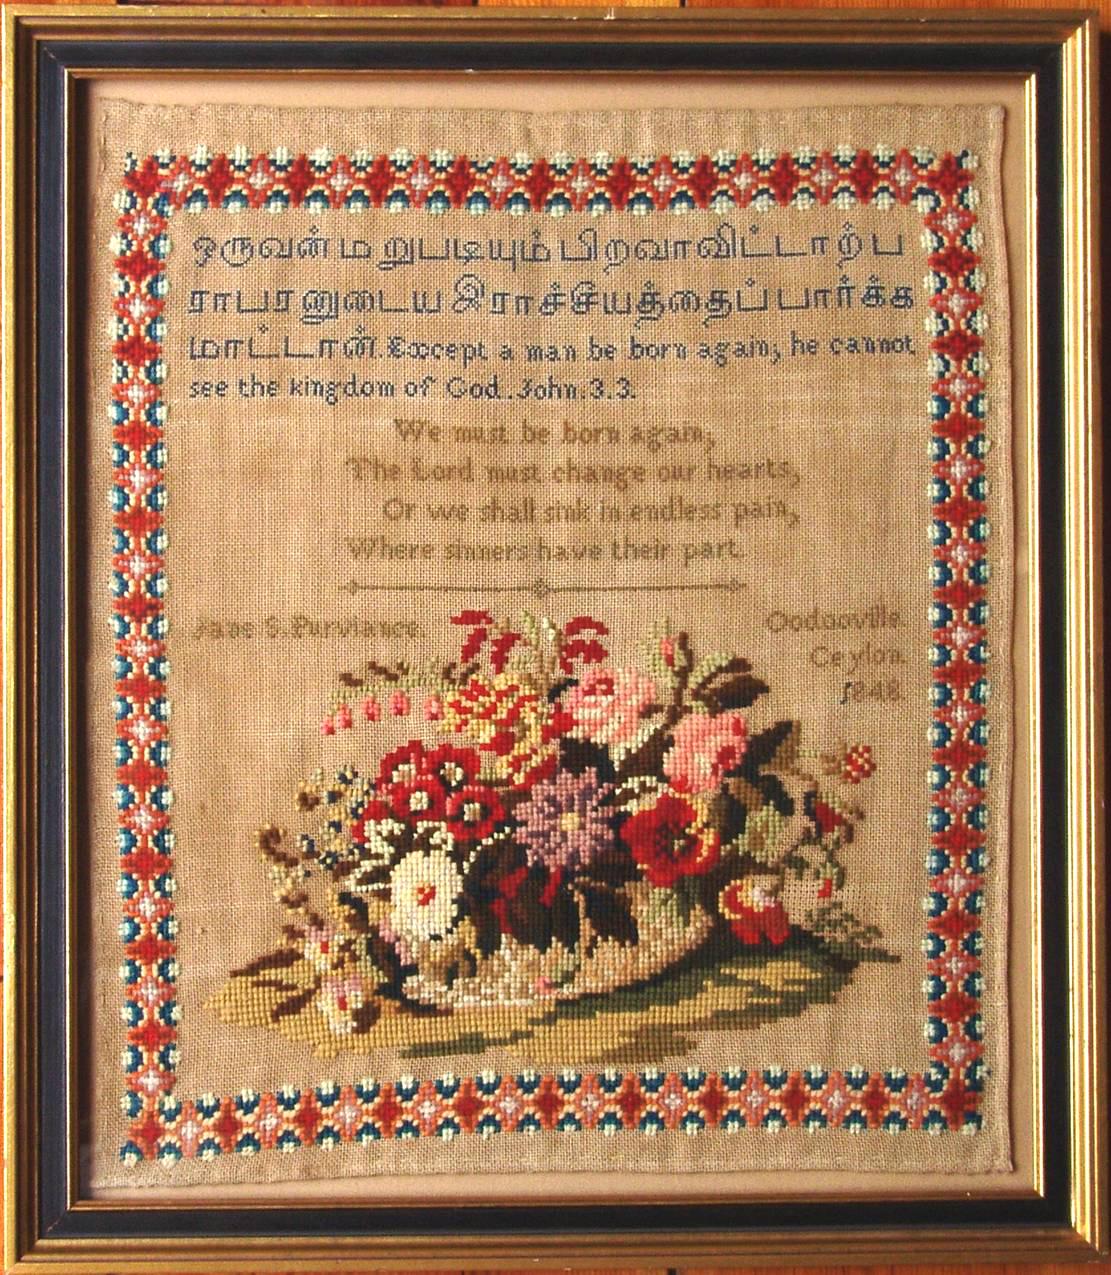 Berlin Needlework Sampler, Jane S. Perviance, 1848. Source: Smithsonian Museum